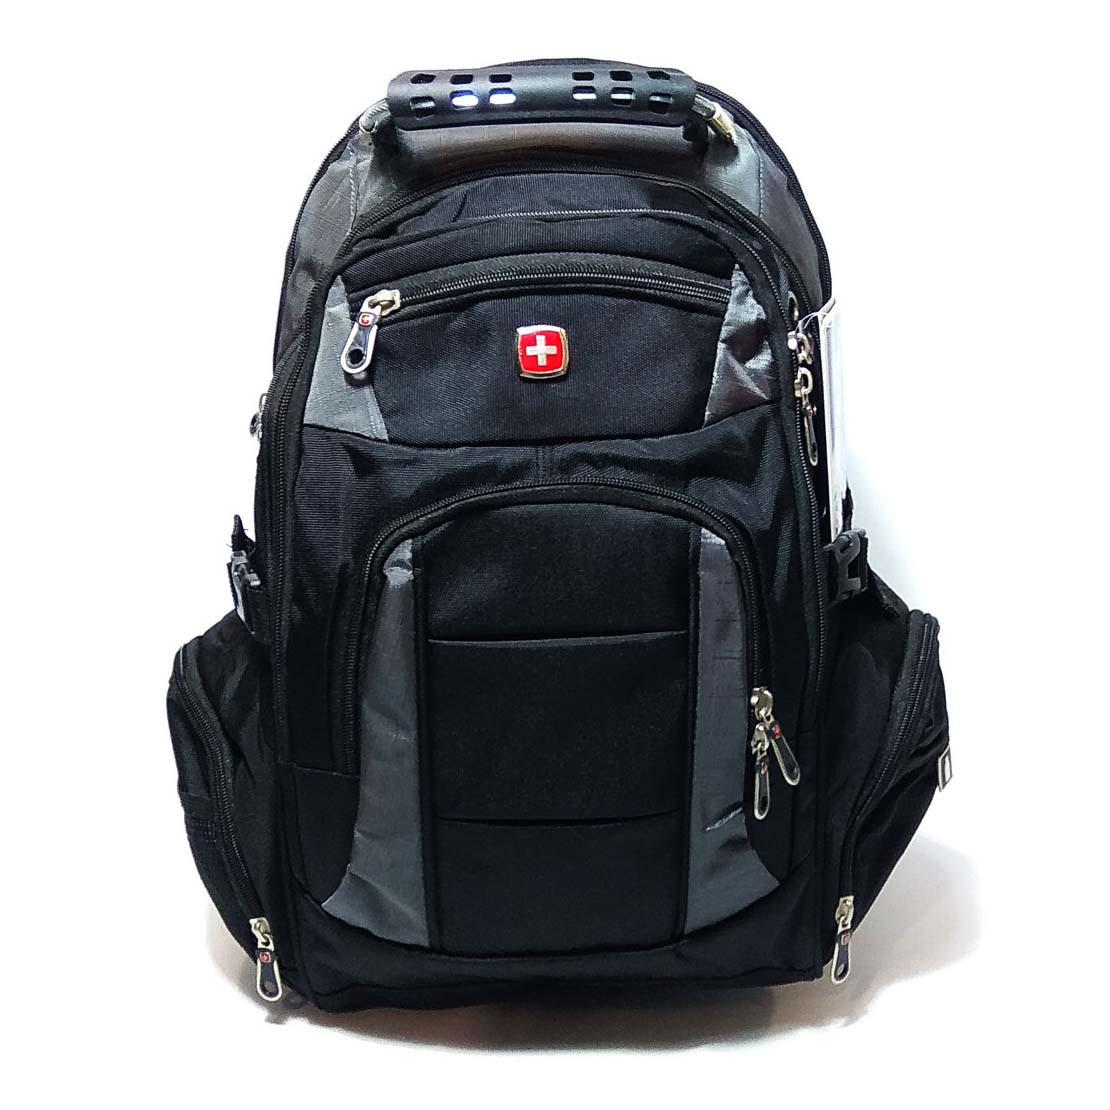 Вместительный рюкзак в стиле SwissGear, свисгир. Черный с серым. 35L / 7697 grey